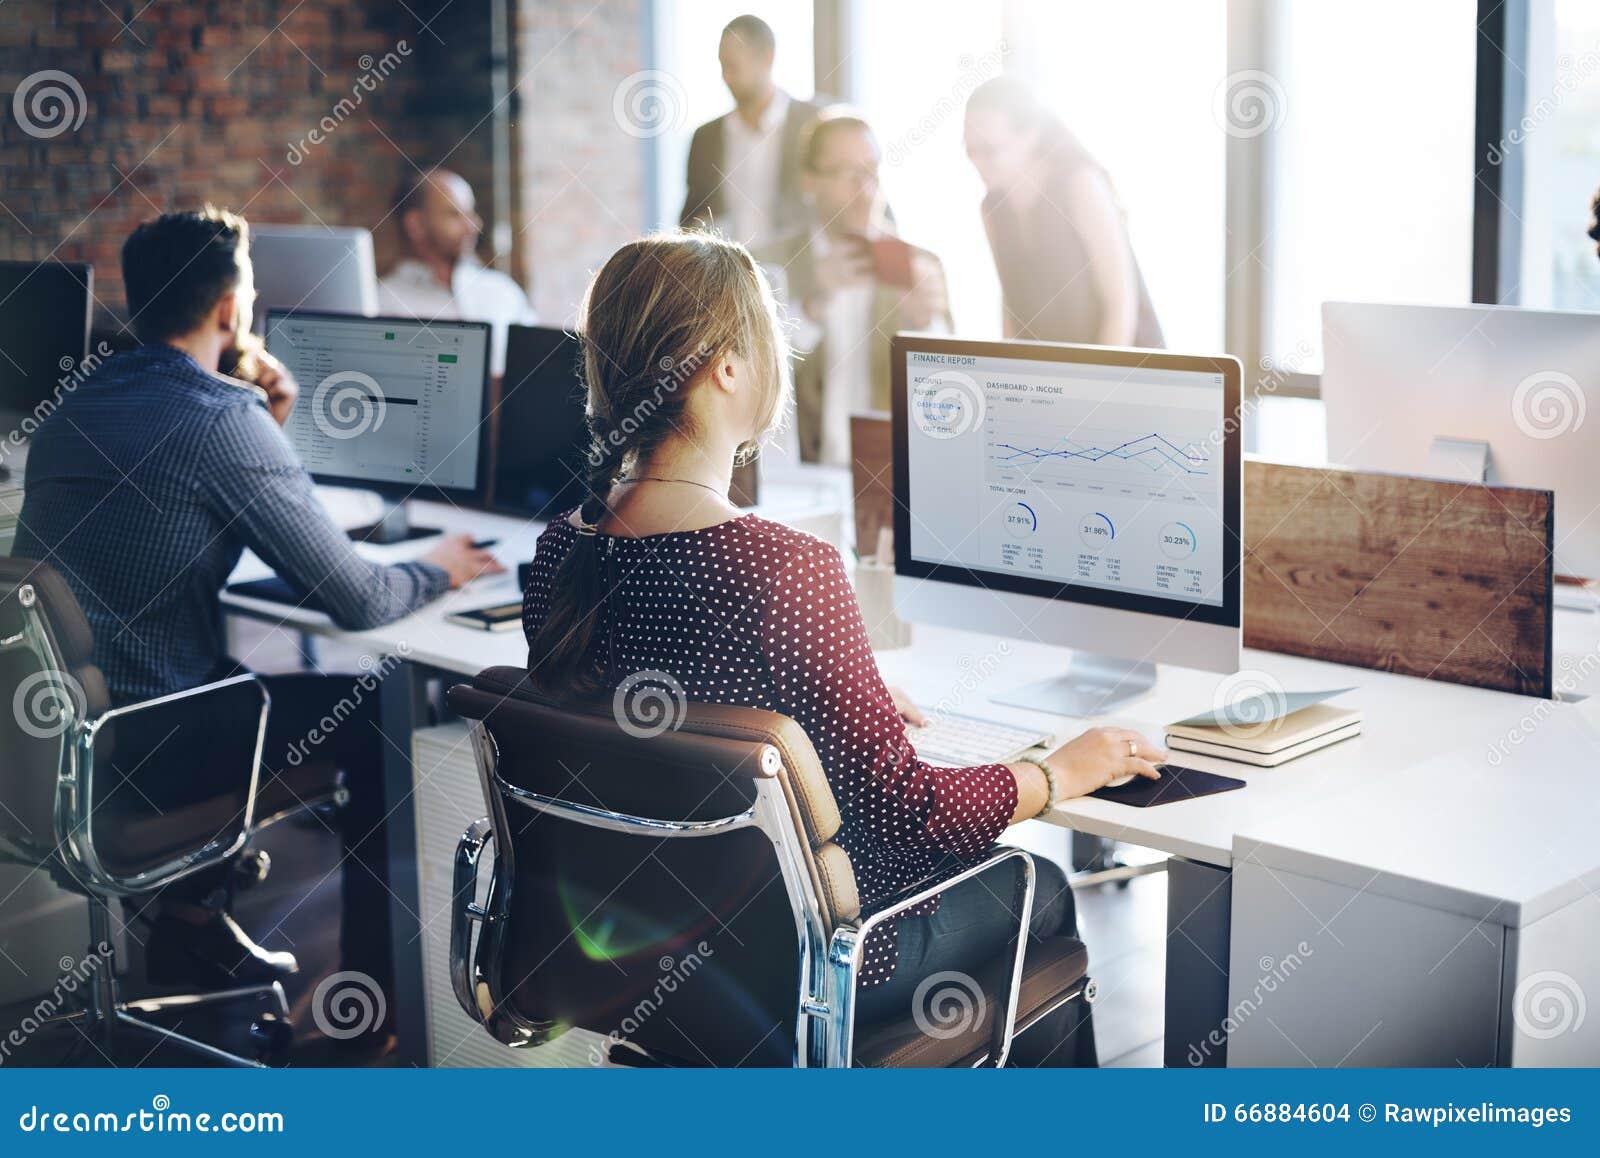 Бизнесмены концепции успеха роста финансов анализа думая